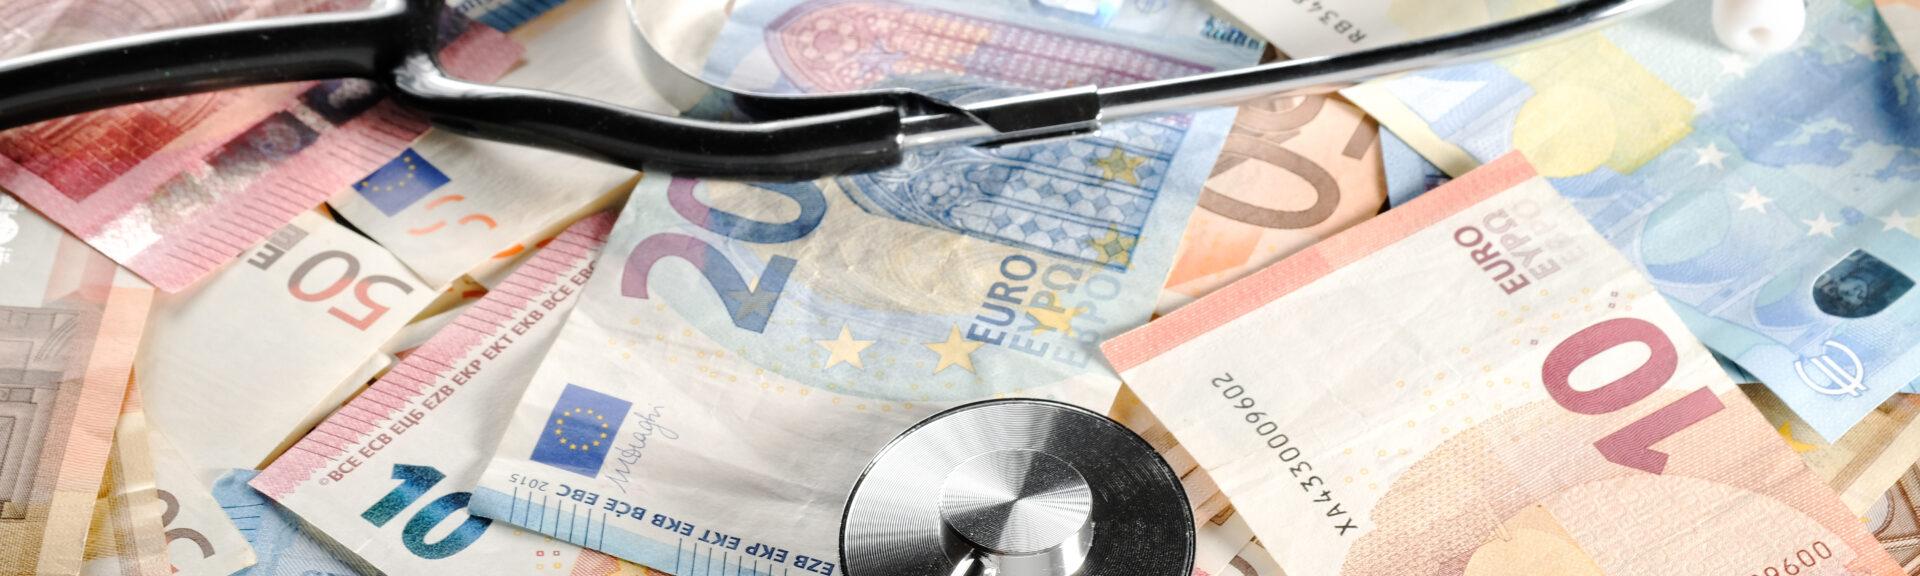 Stetoskop Geld